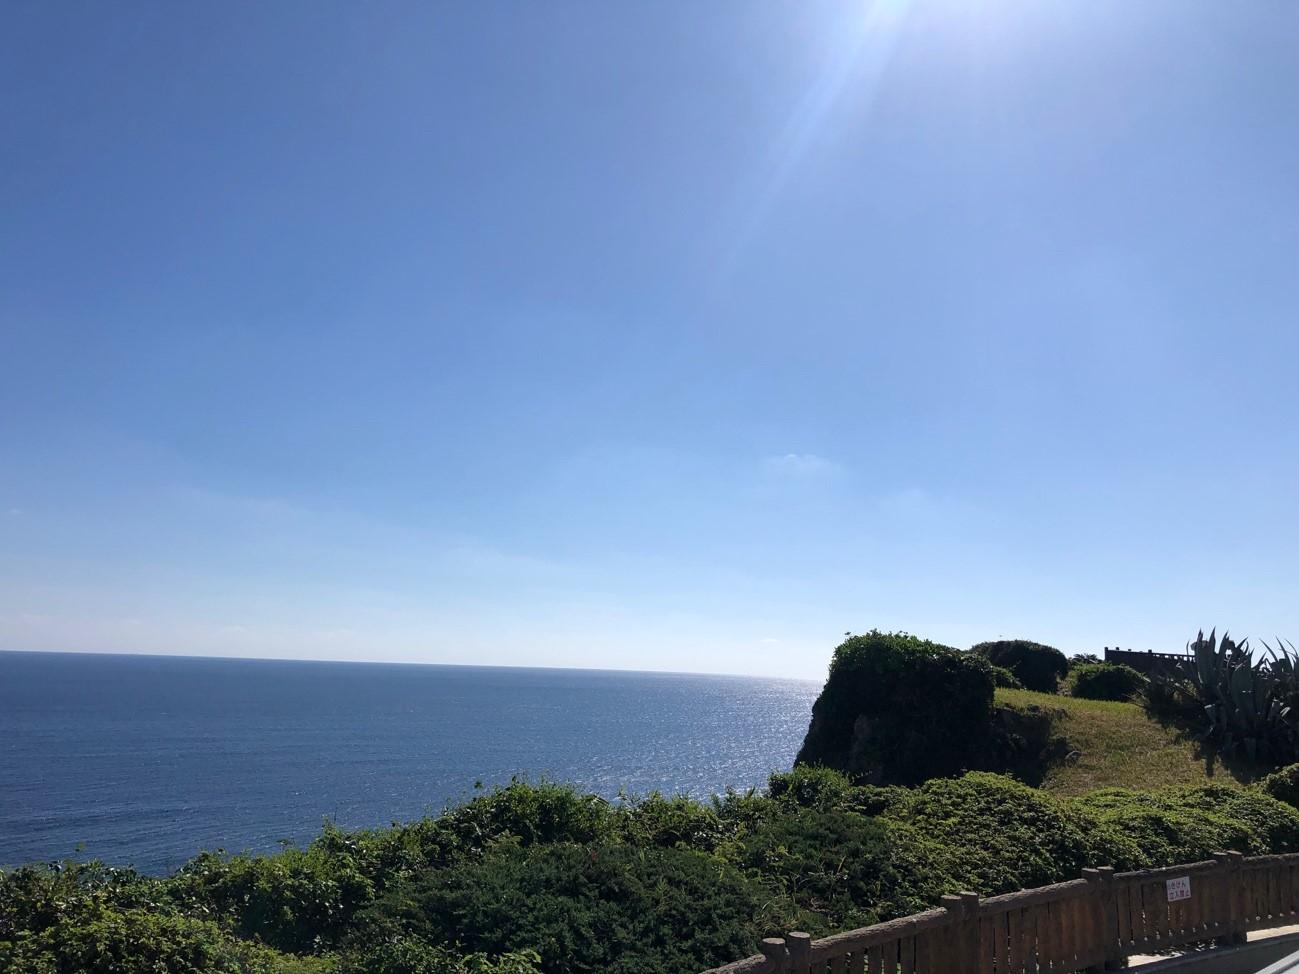 沖縄県糸満市「平和祈念公園」の「平和の広場」から海を眺める